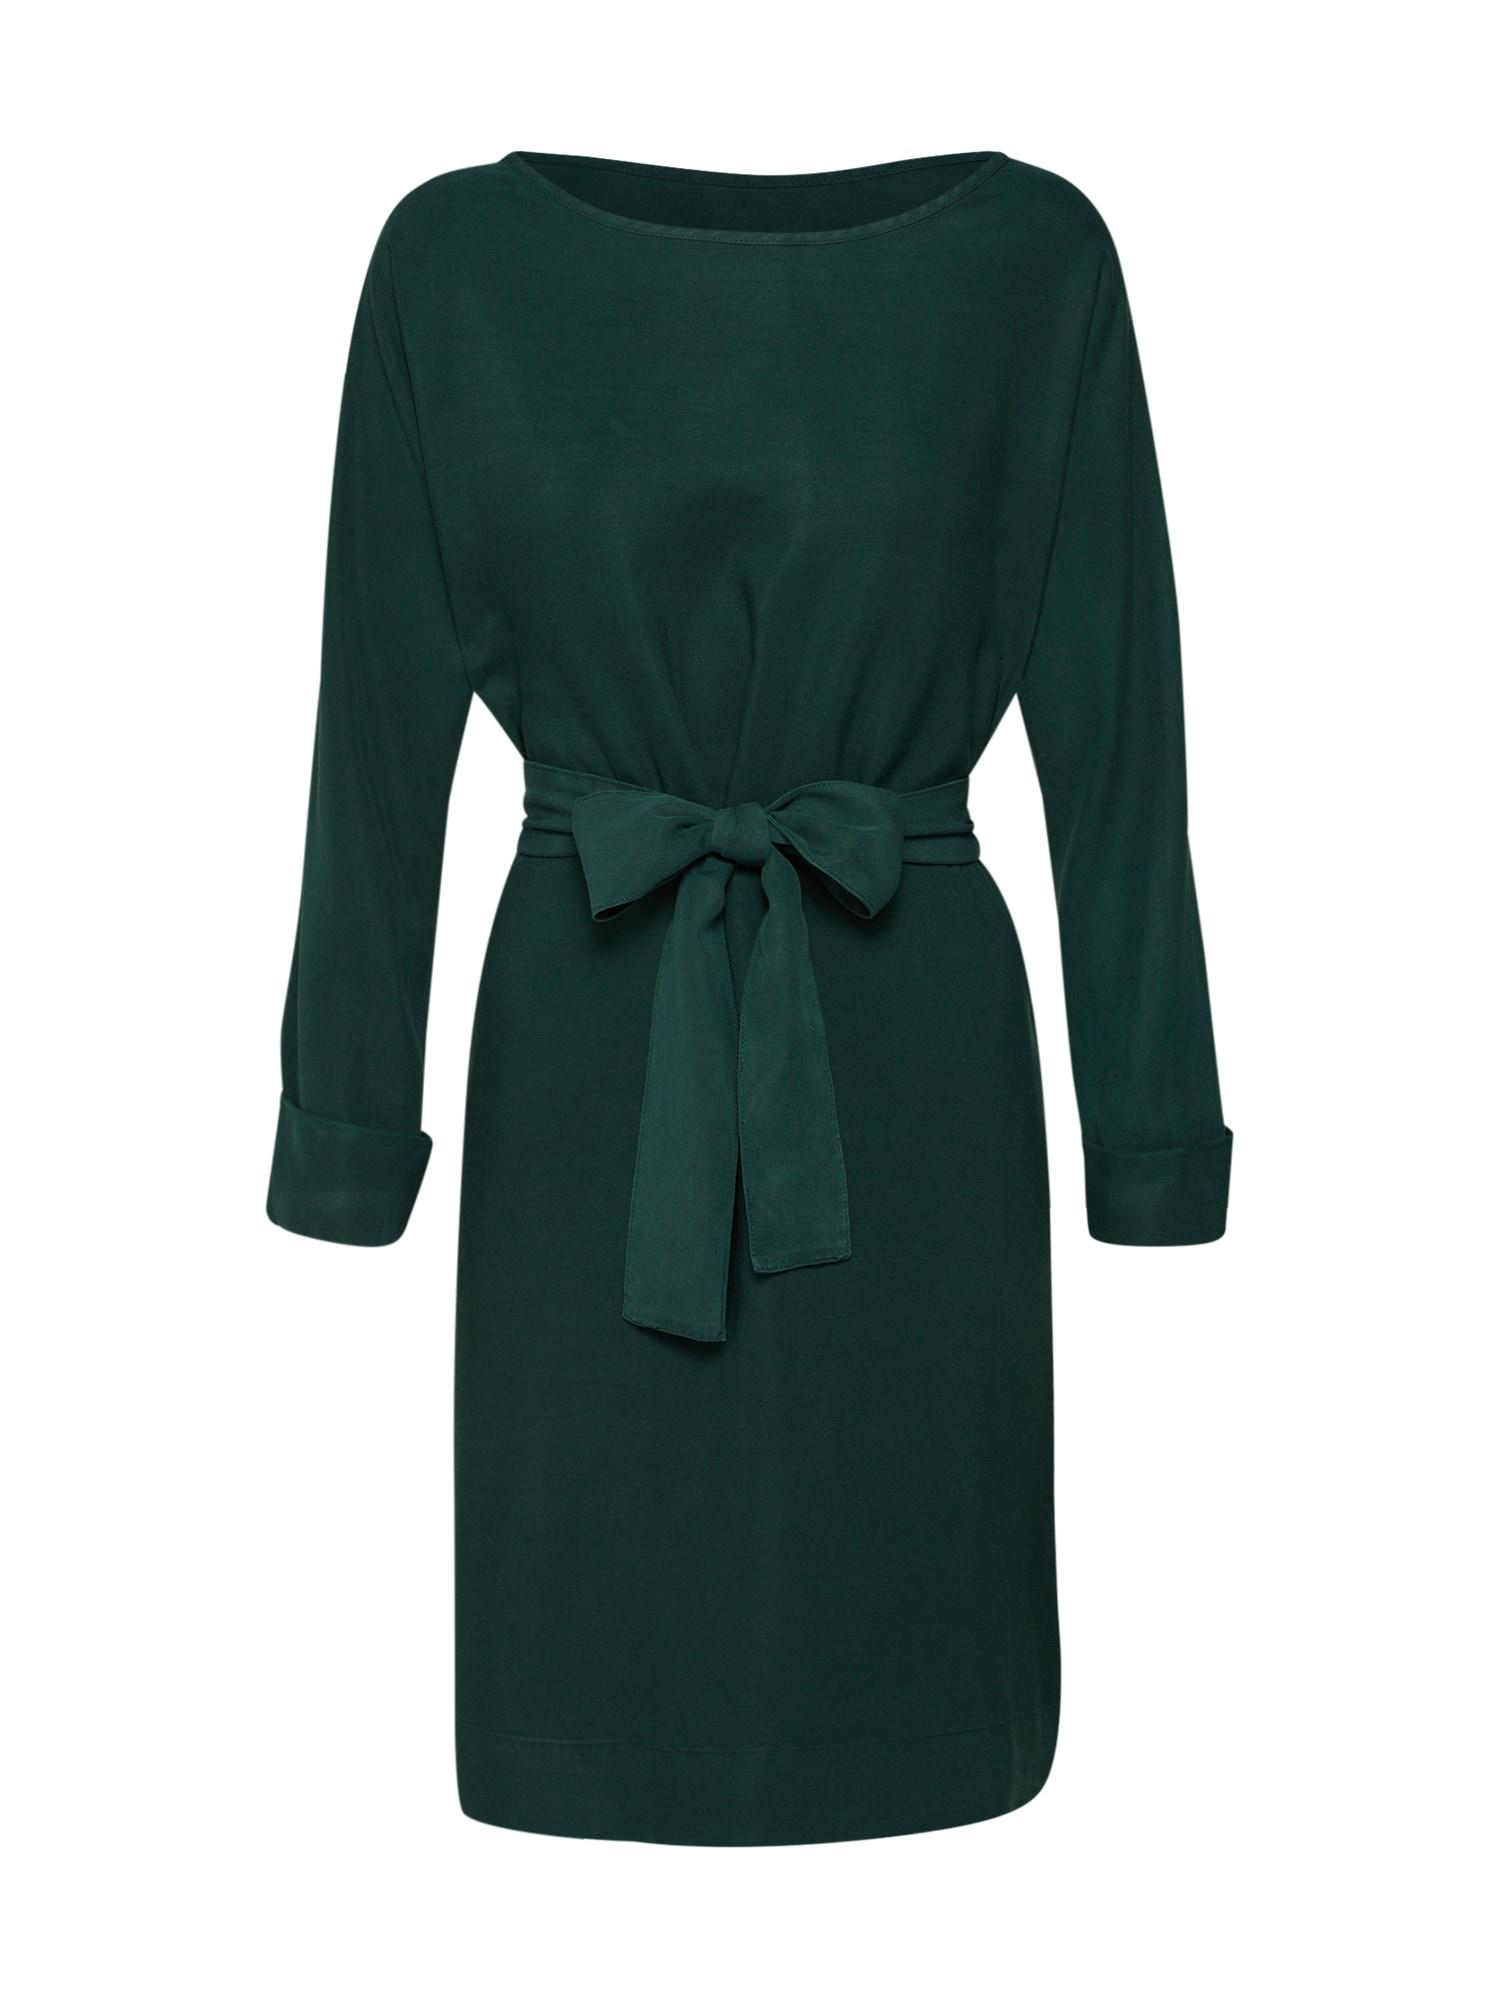 Šaty NALASTATE LS tmavě zelená AMERICAN VINTAGE